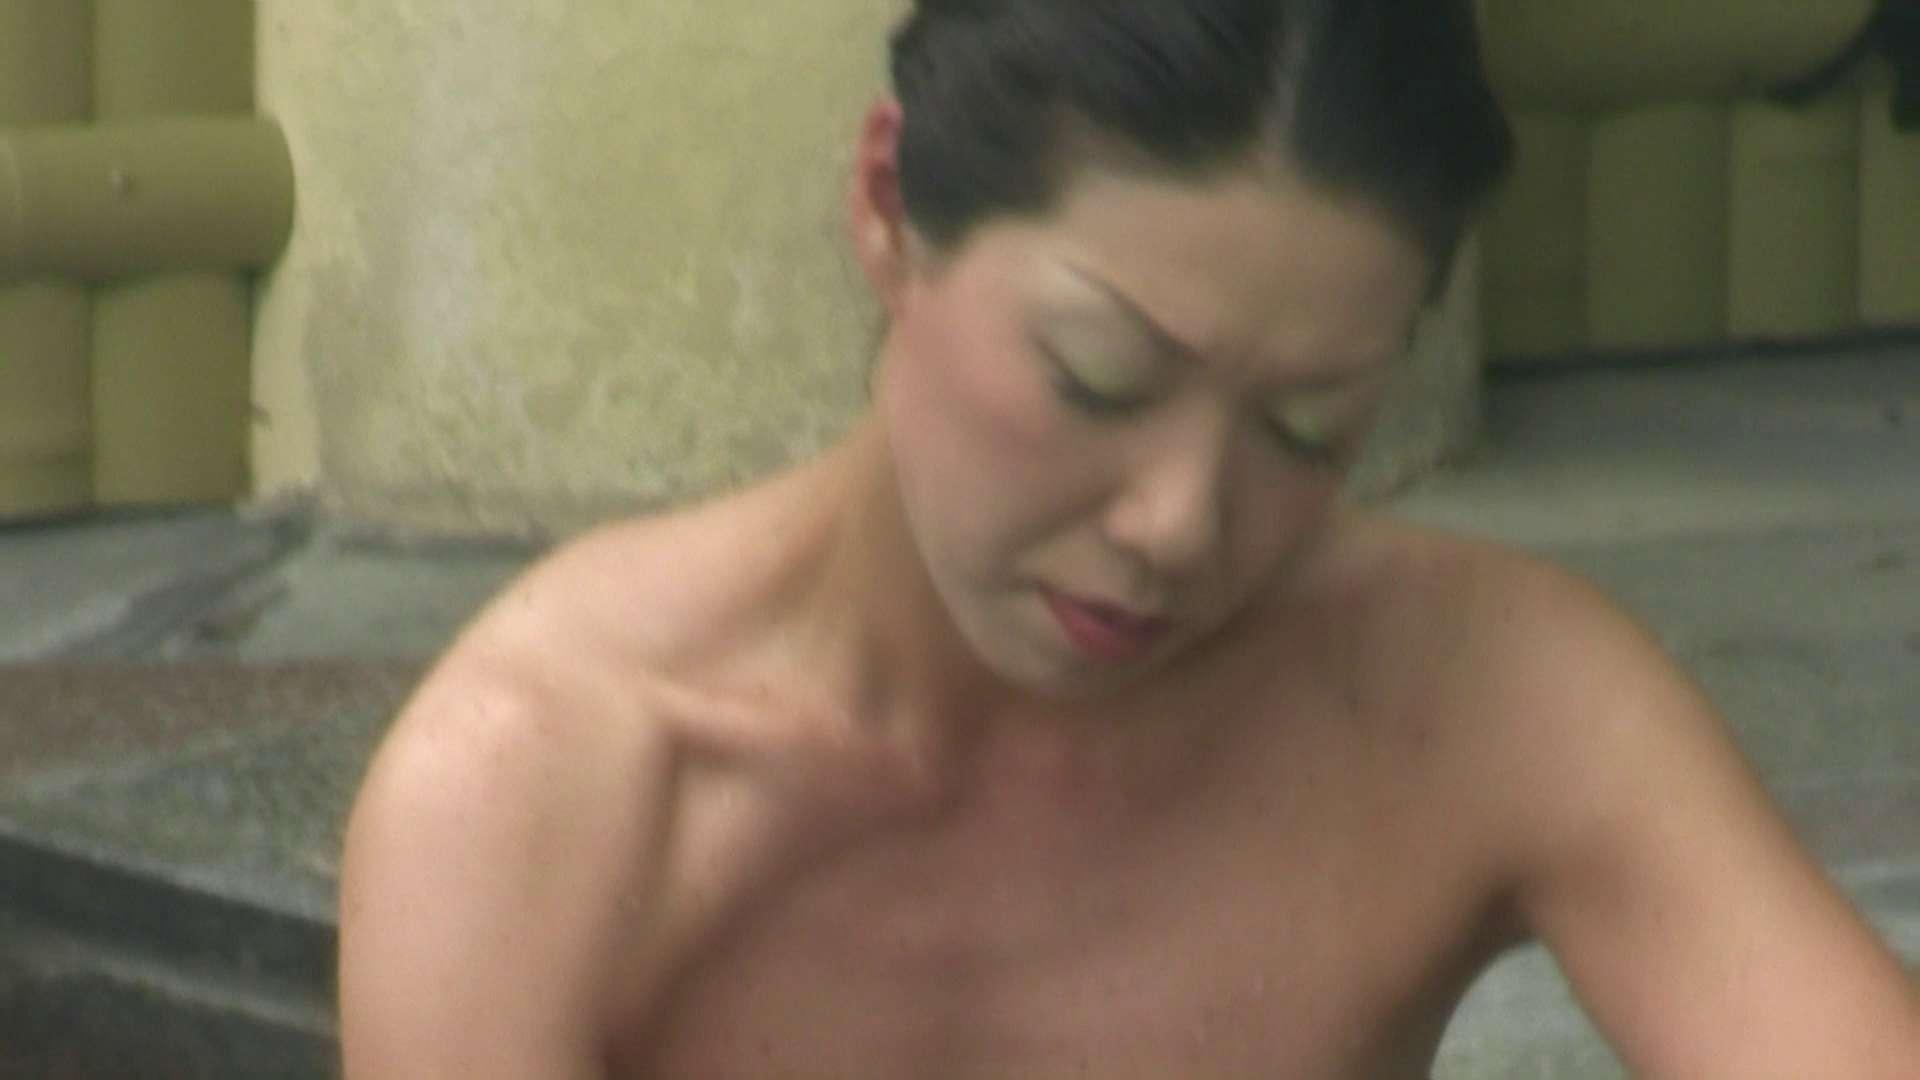 高画質露天女風呂観察 vol.036 高画質 | 女風呂  85pic 17